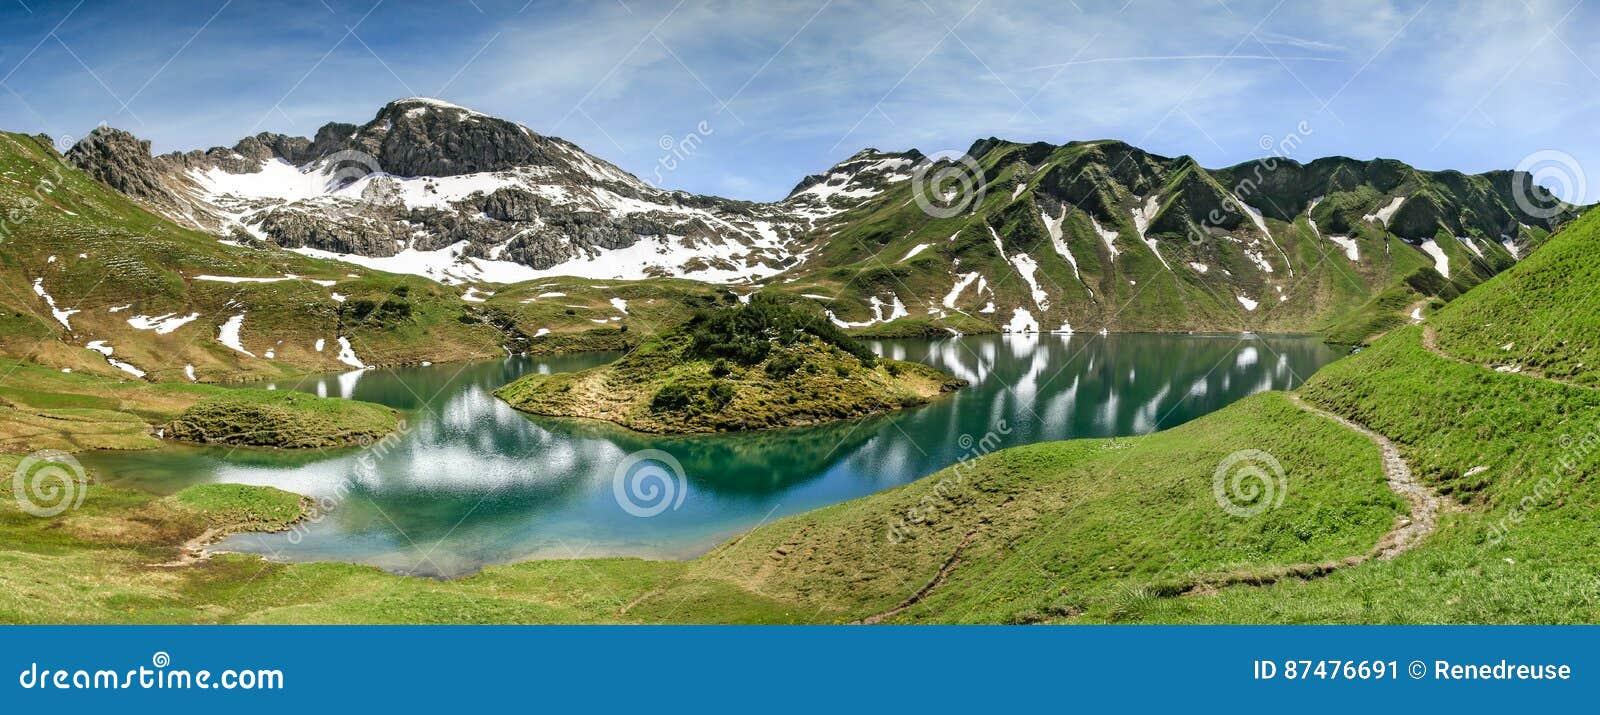 Удаленное озеро вверх по максимуму в высокогорных горах Schrecksee